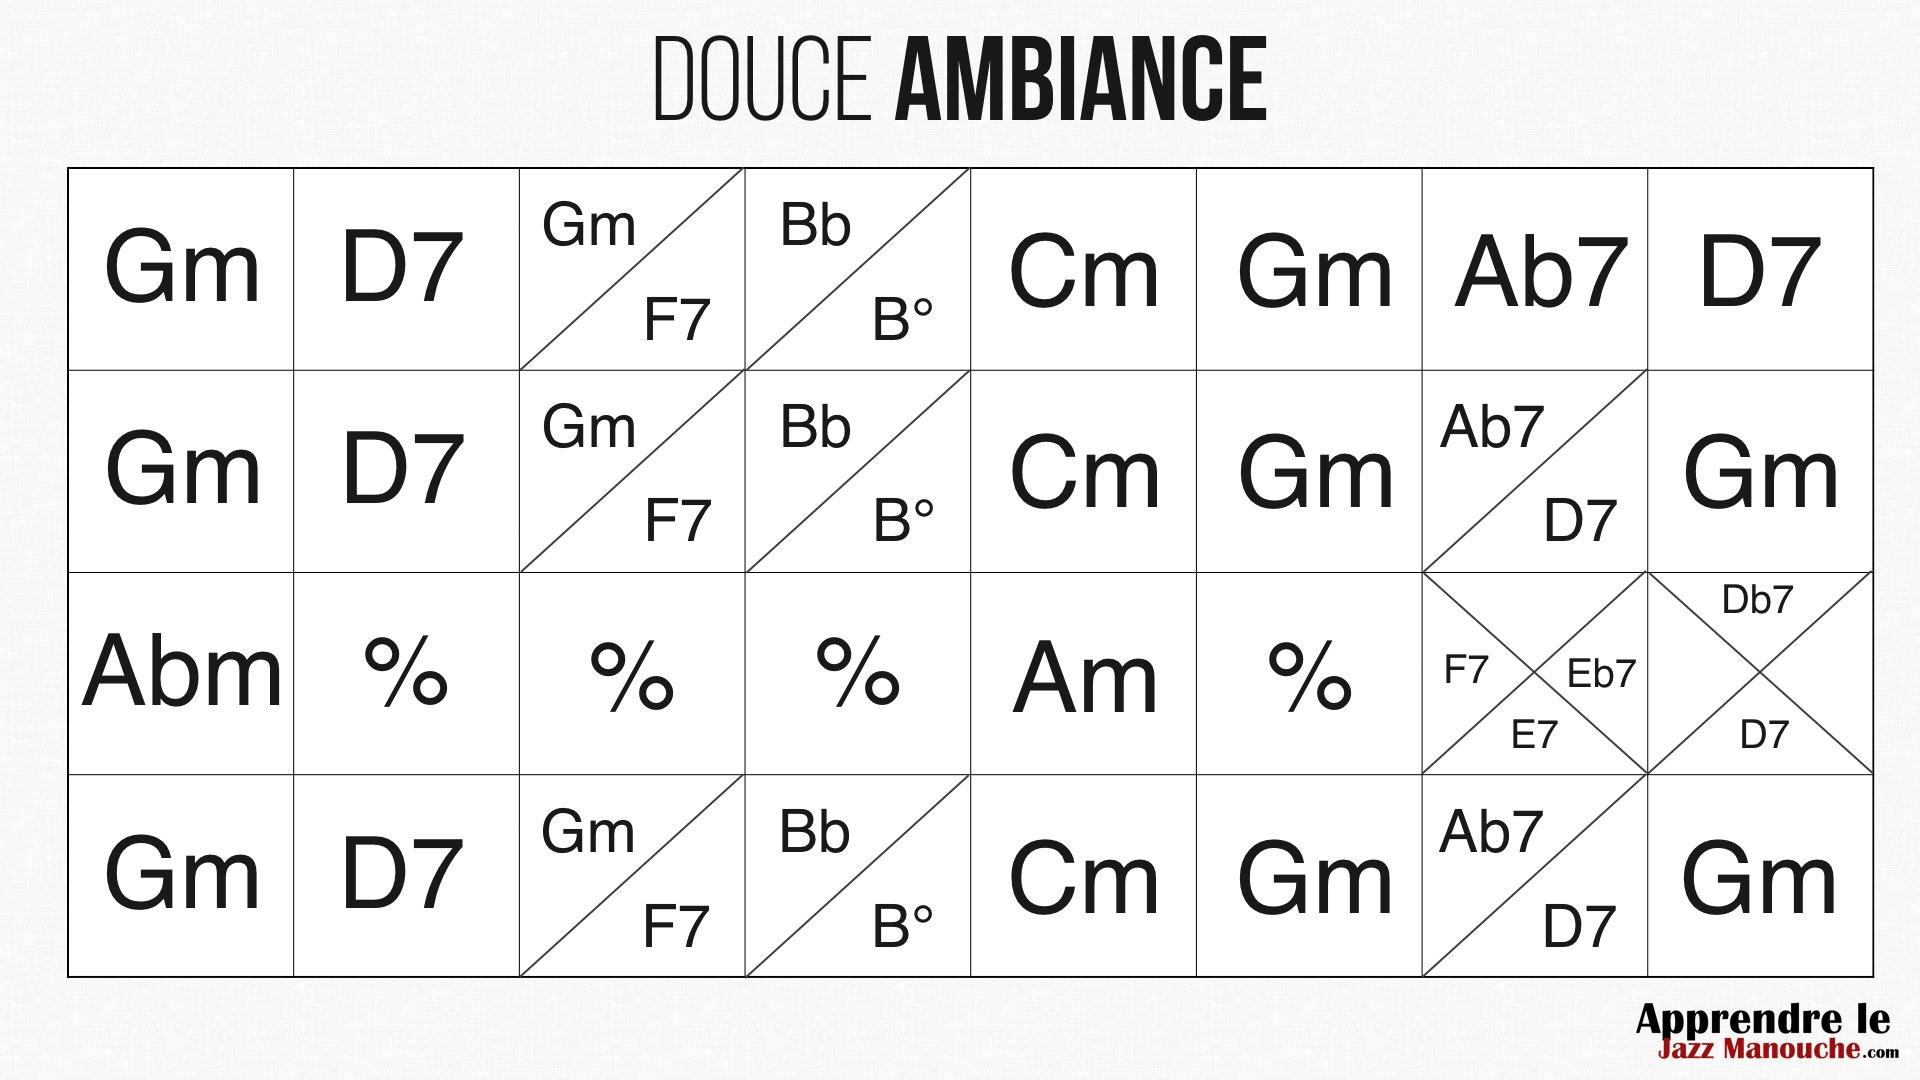 Douce Ambiance - Grille Apprendre le Jazz Manouche